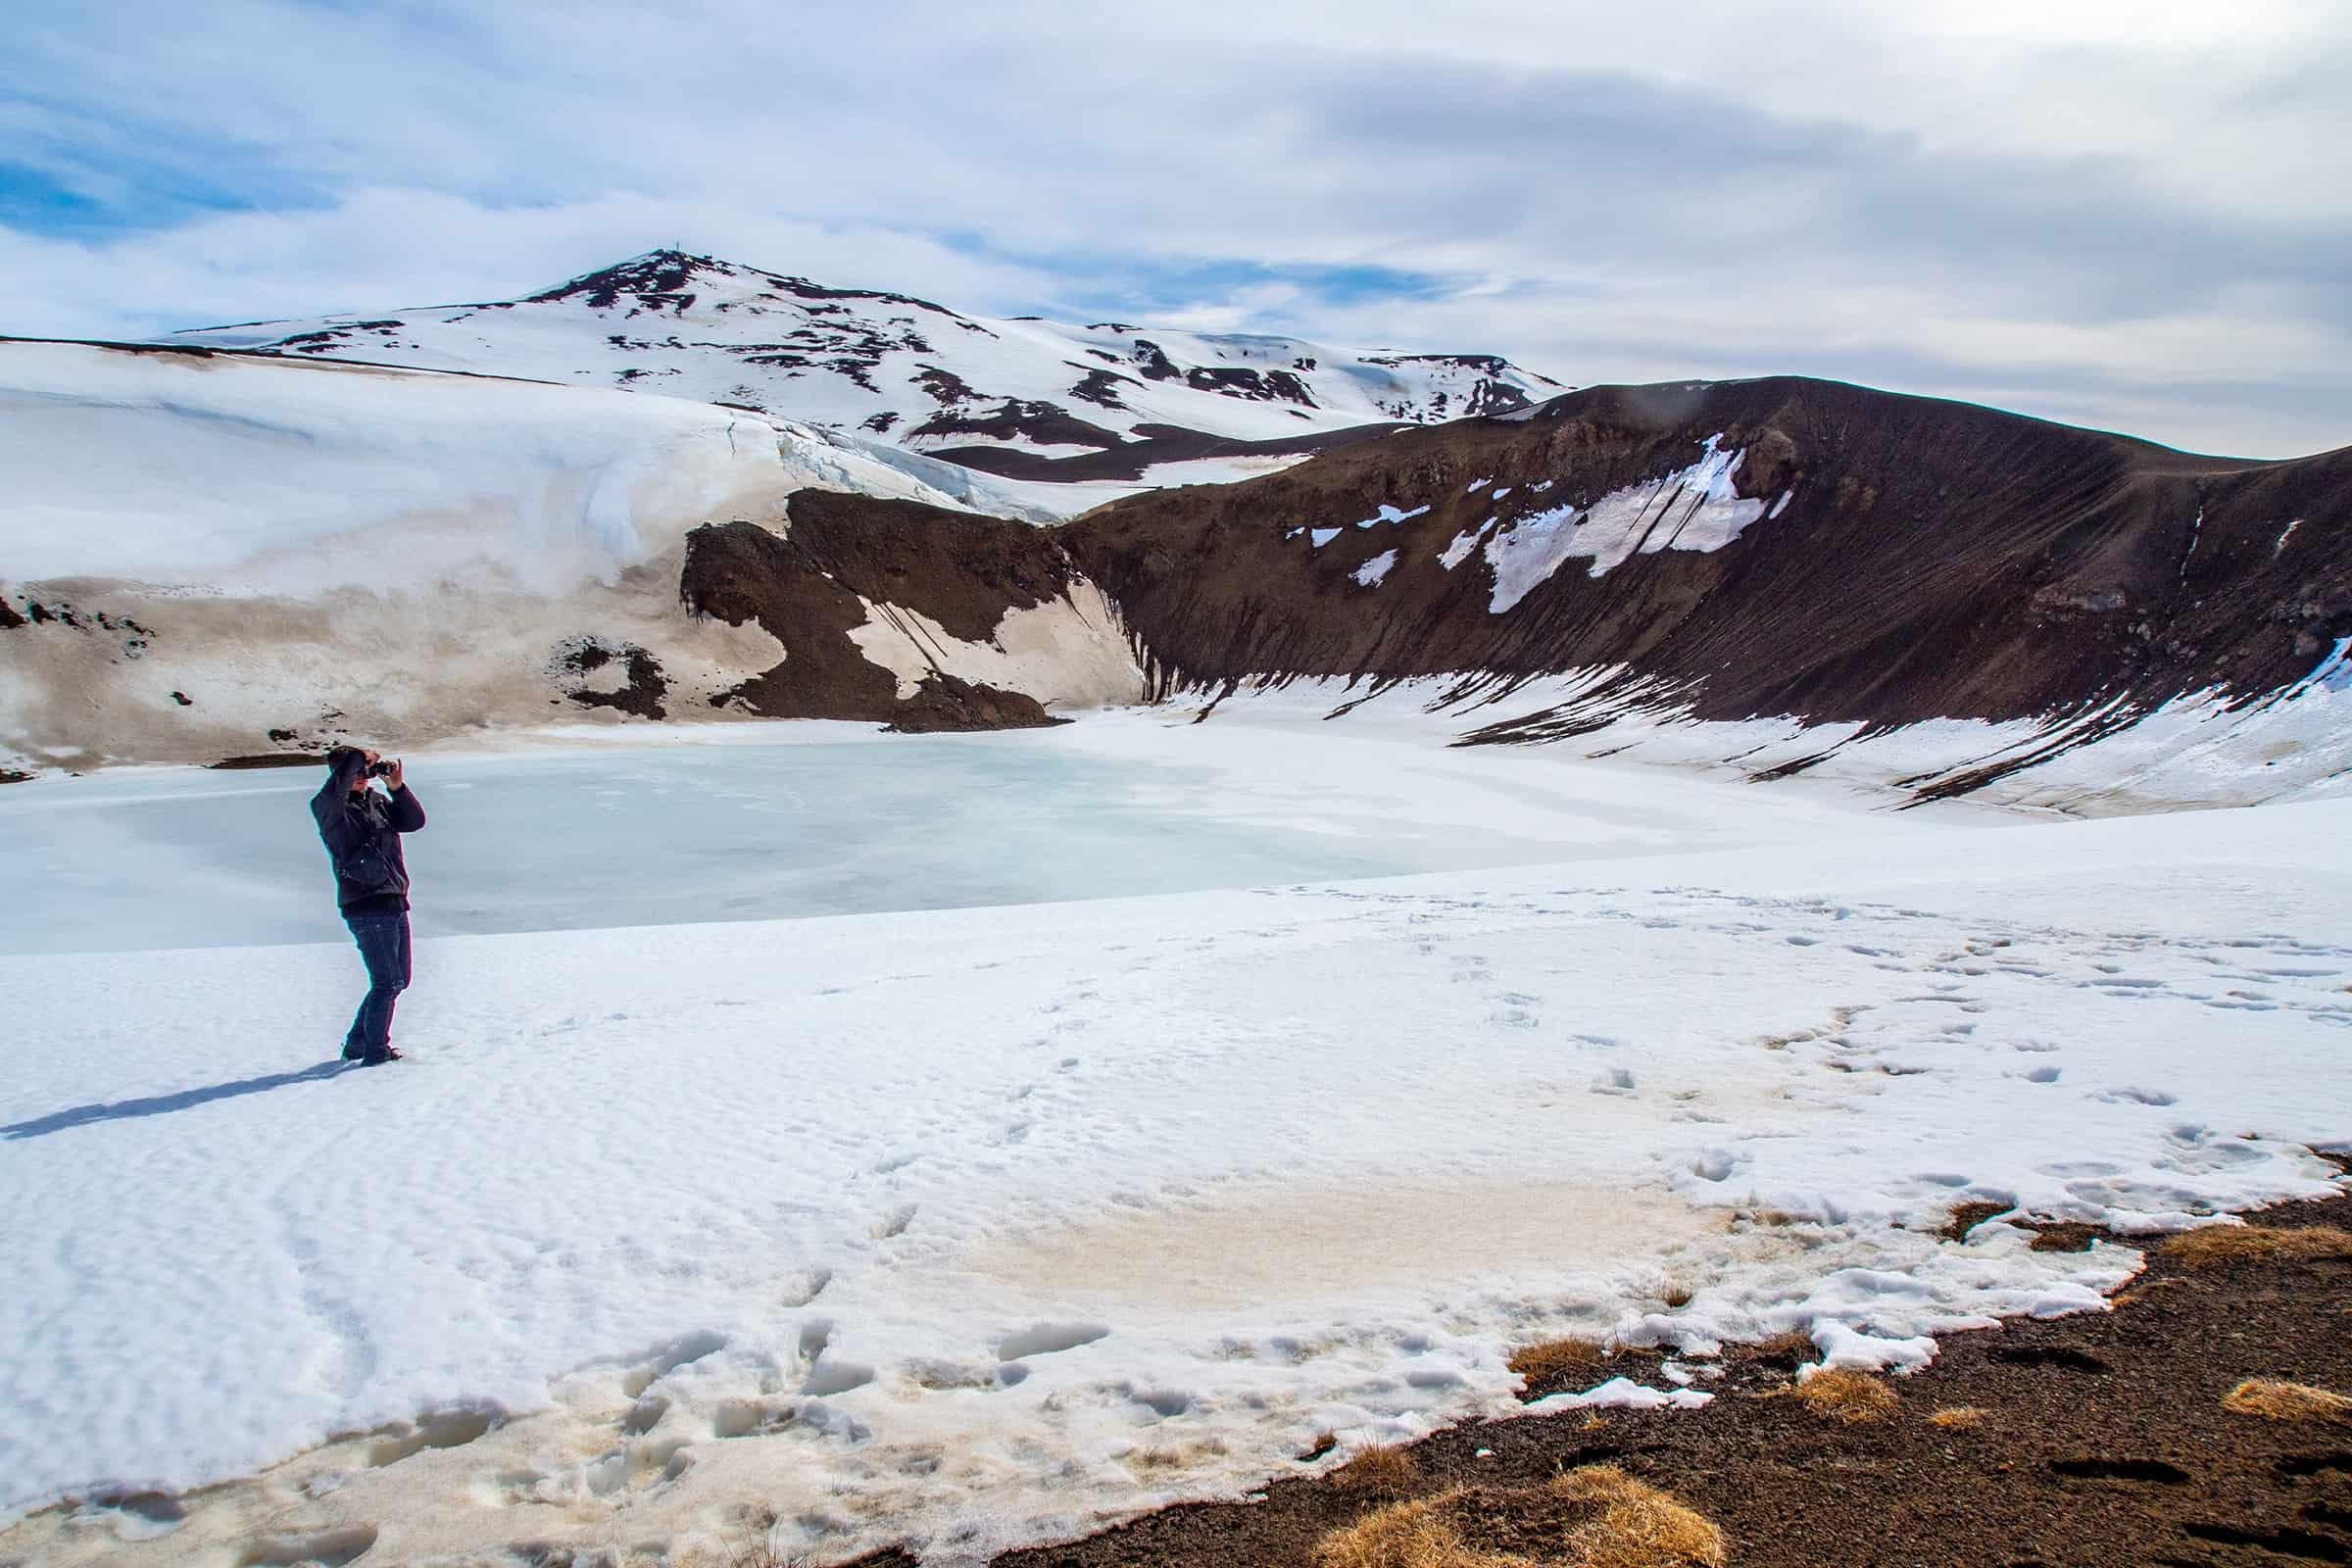 Viti kratermeer